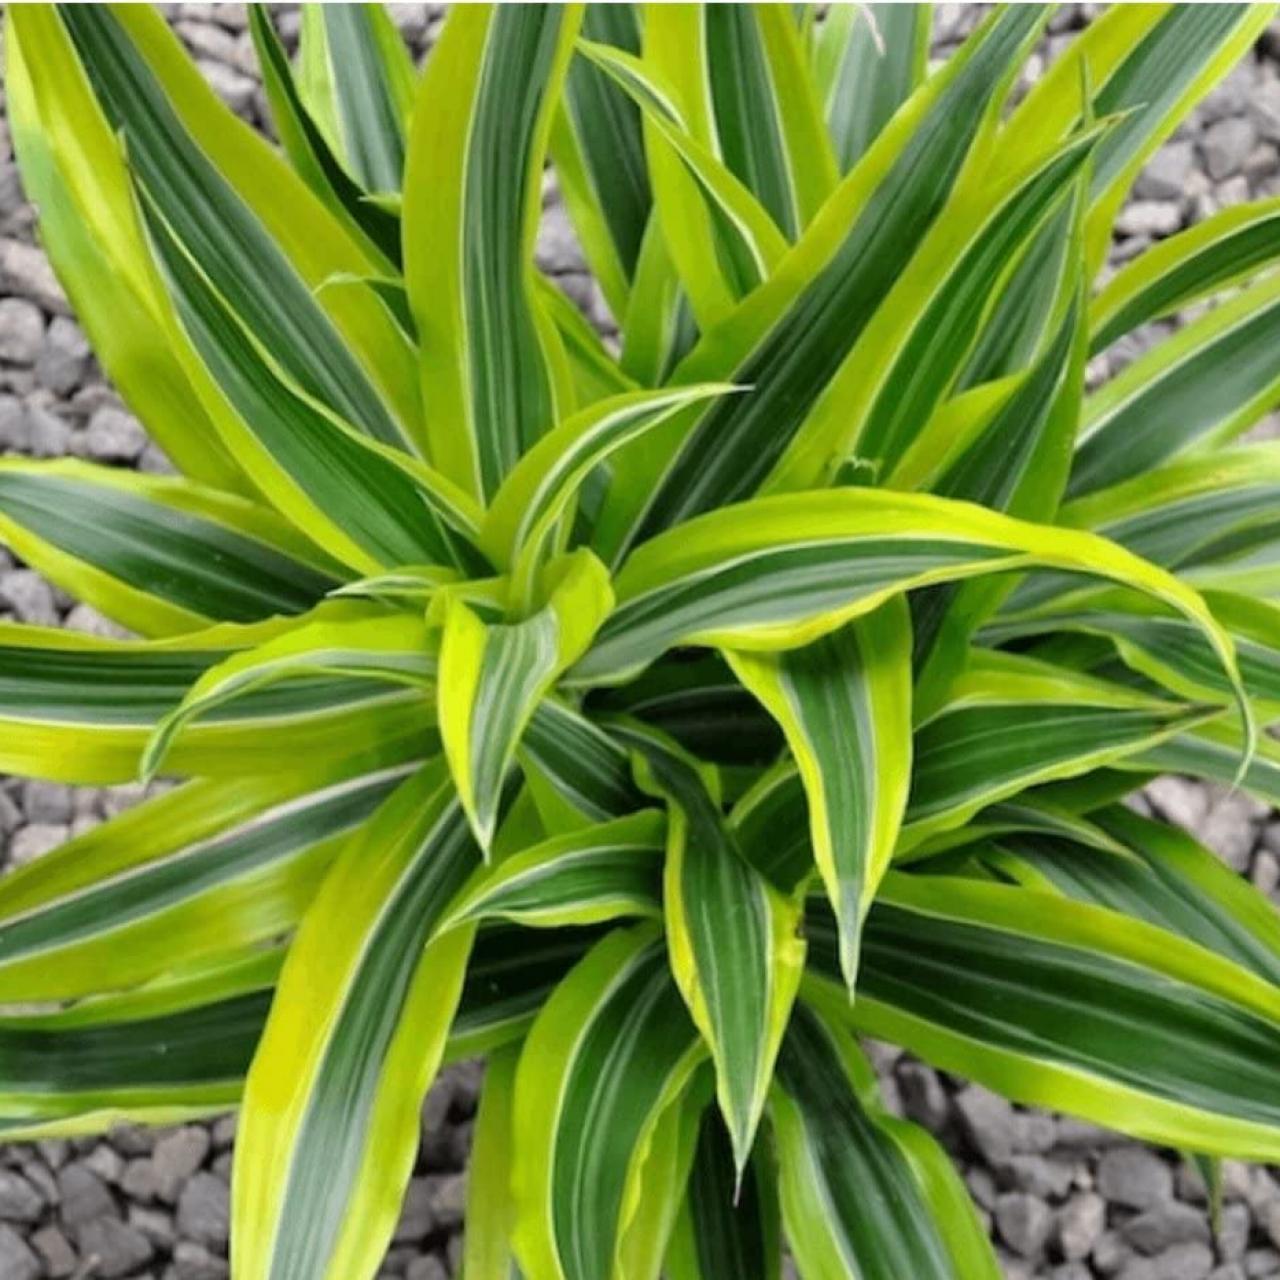 Thiết mộc lan rất dễ chăm sóc, không cần quá nhiều nước. Loại cây này được biết đến là tốt nhất để loại bỏ formaldehyde, xylene, toluene và trichloroethylene.